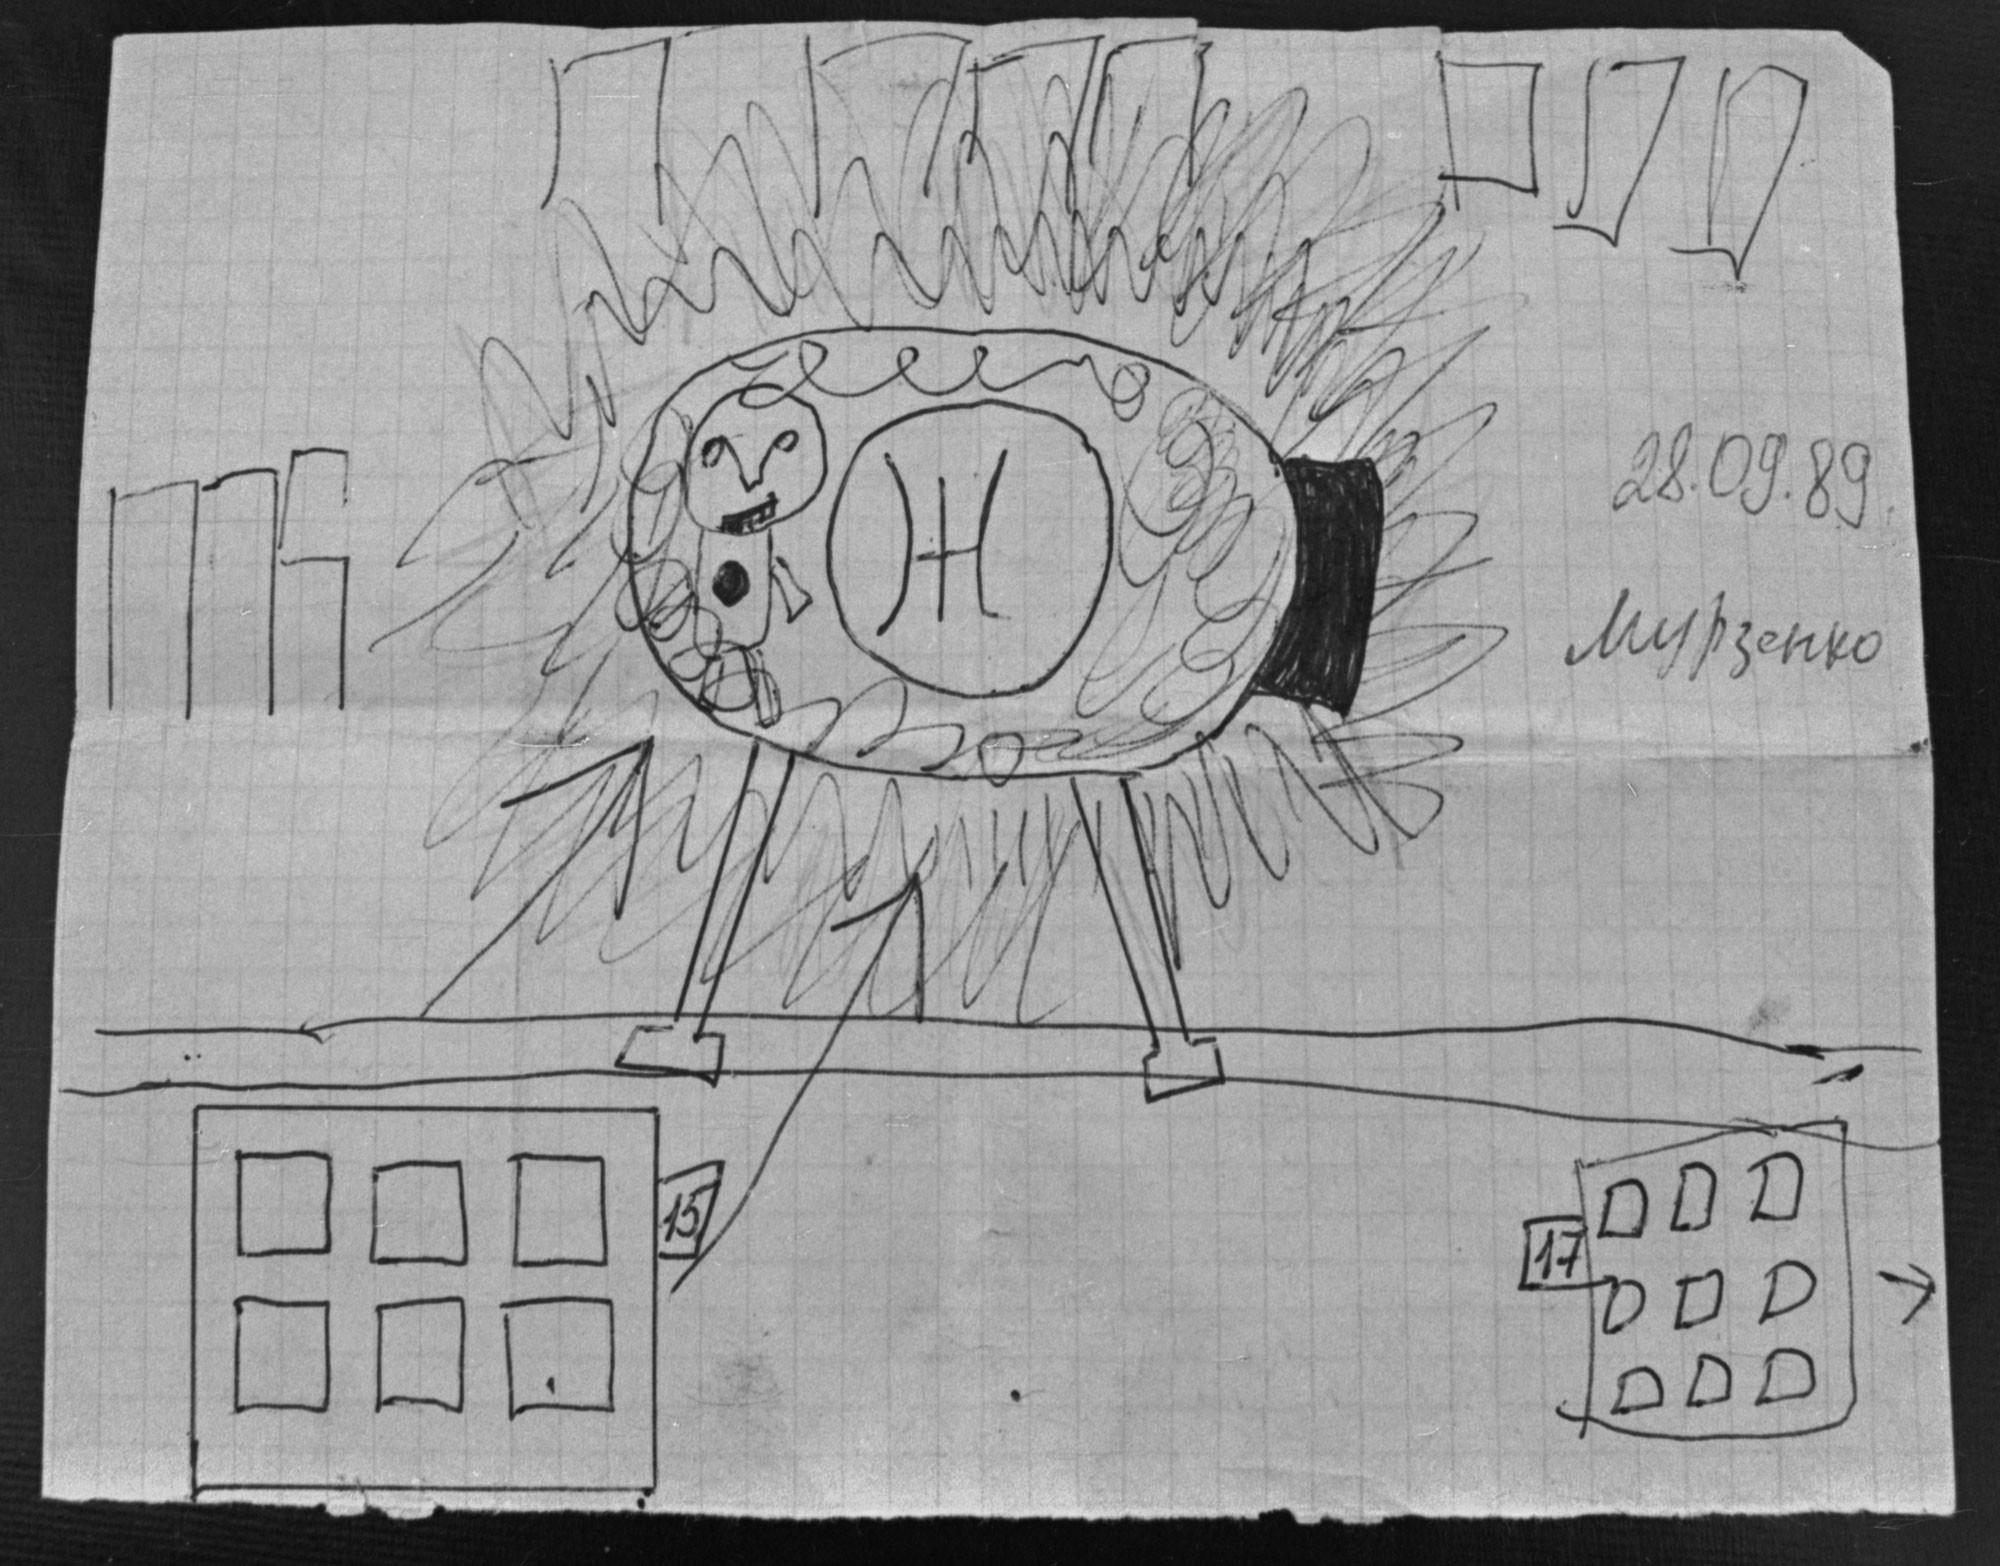 """Изображение """"корабля инопланетян"""", нарисованное детьми, очевидцами """"приземления корабля инопланетян"""" в Воронеже. Фото © Губский С. / Фотохроника ТАСС"""